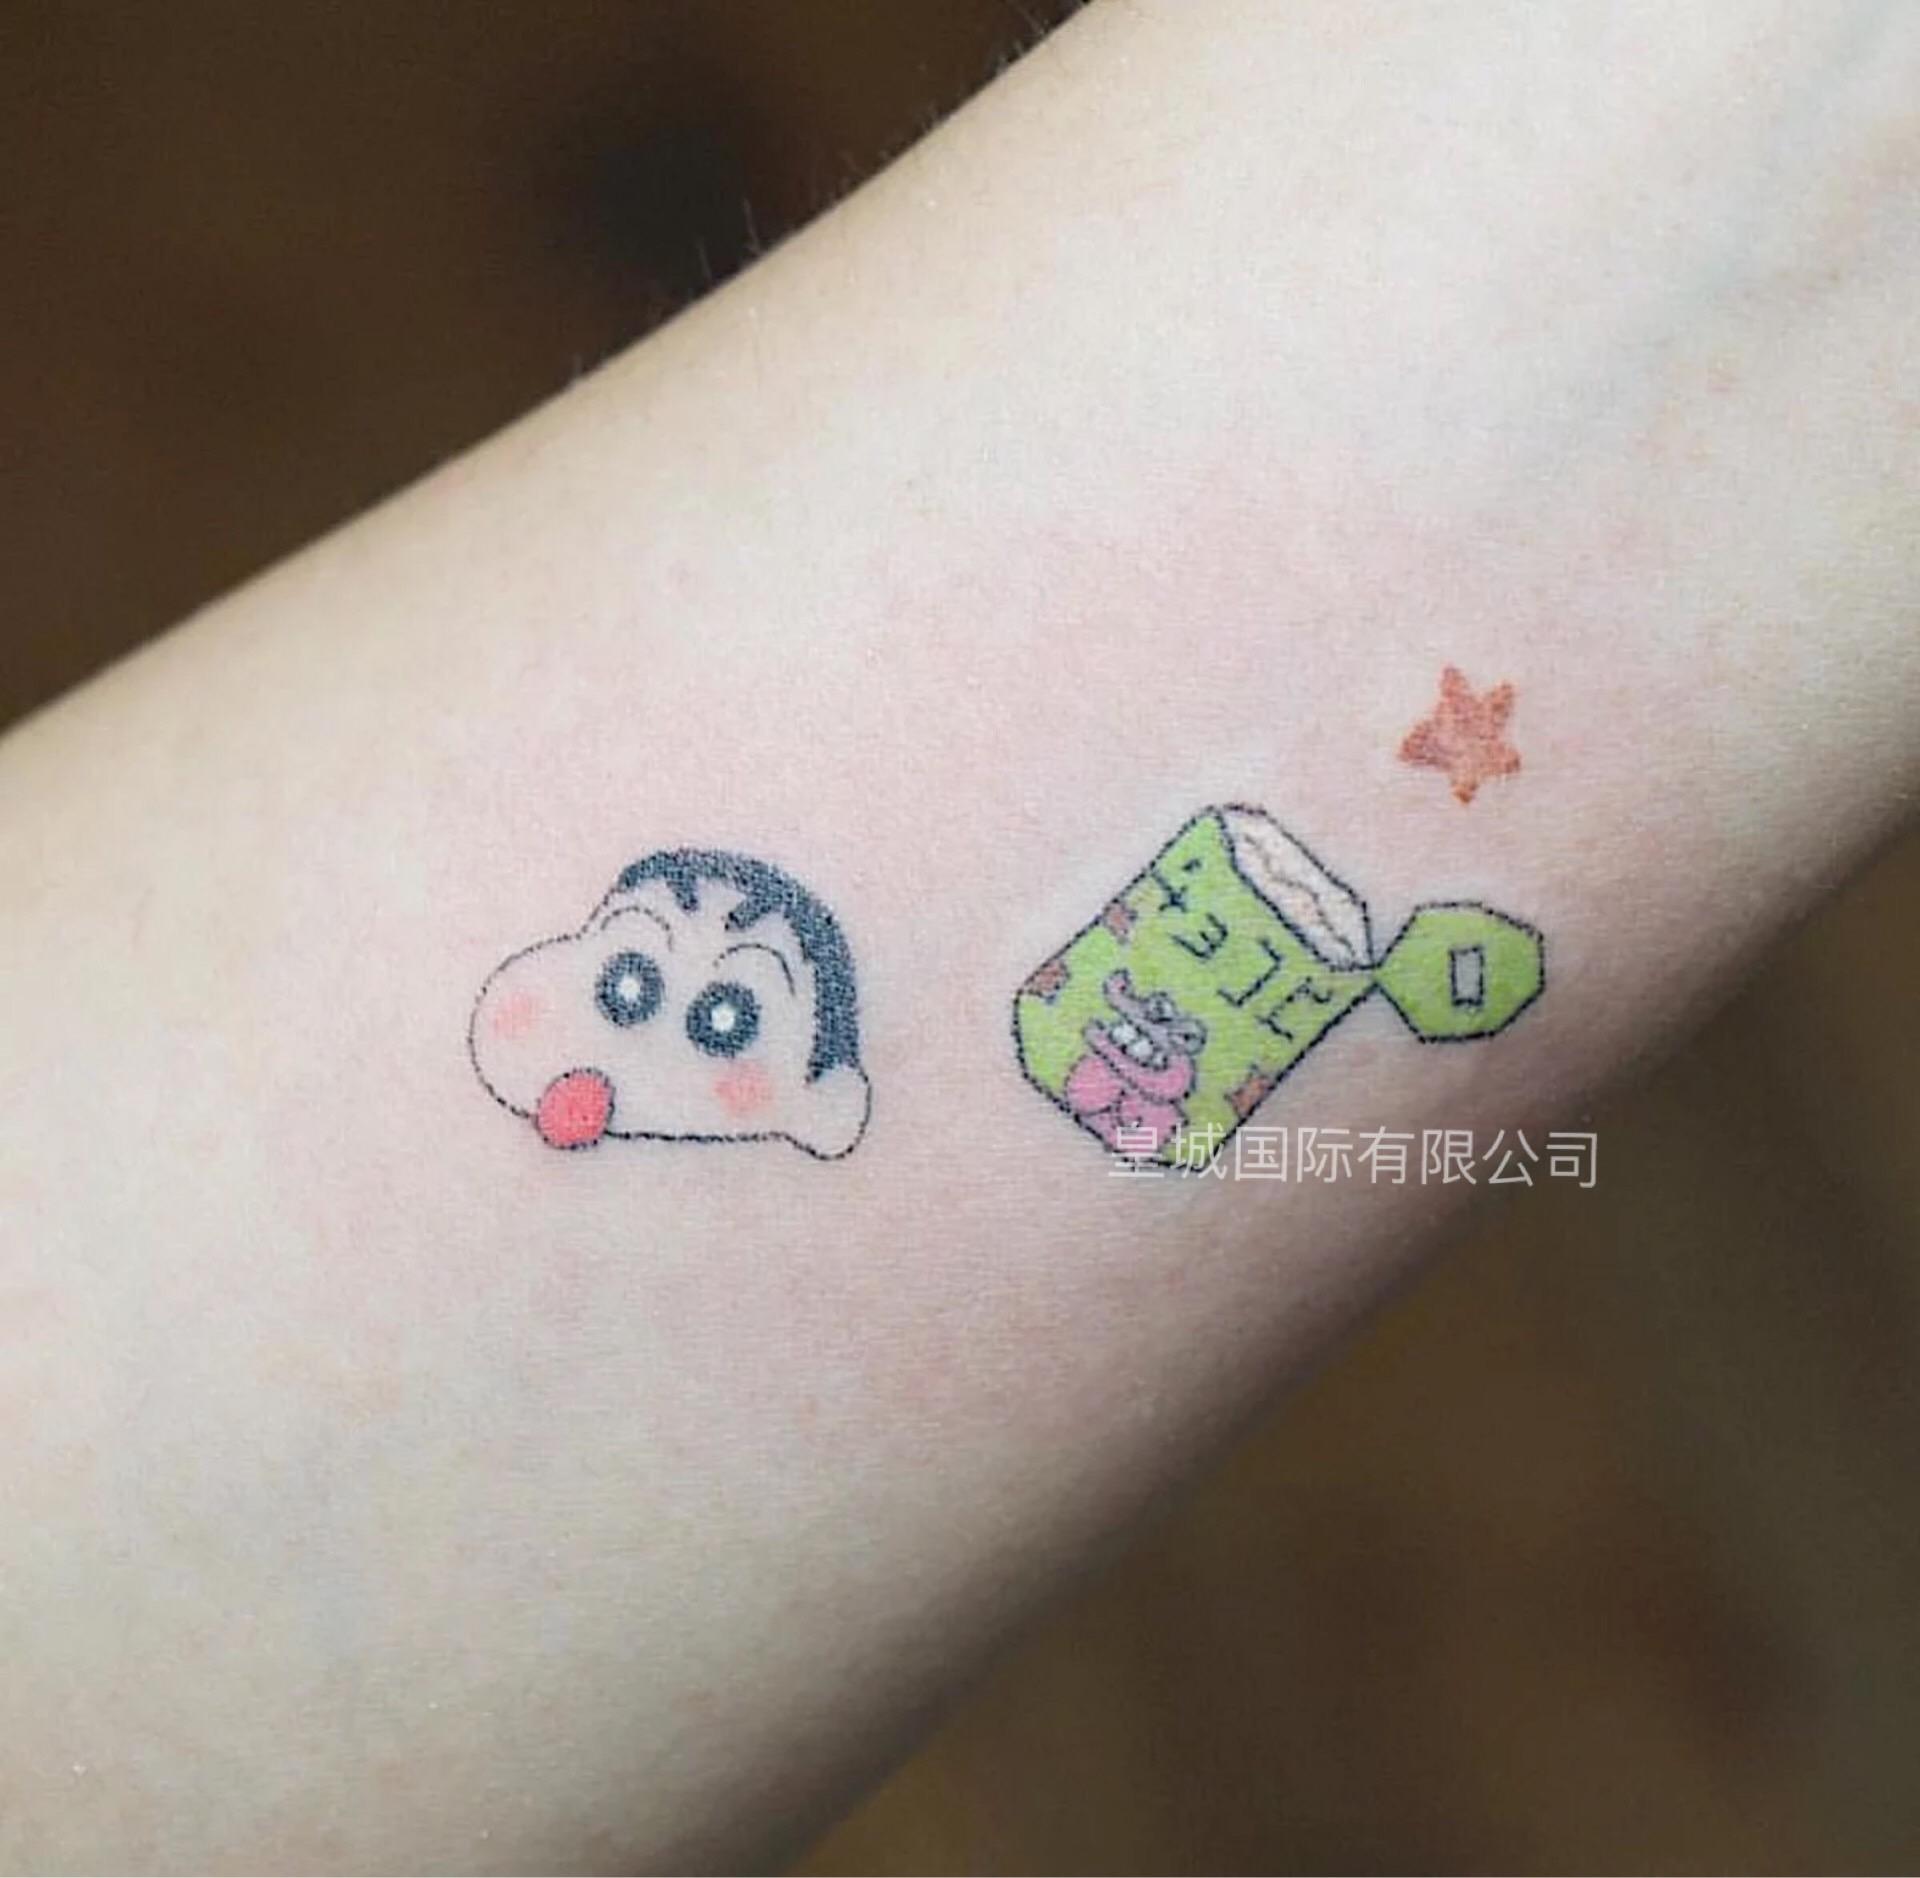 少女心ins风日式软妹持久纹身贴11-29新券